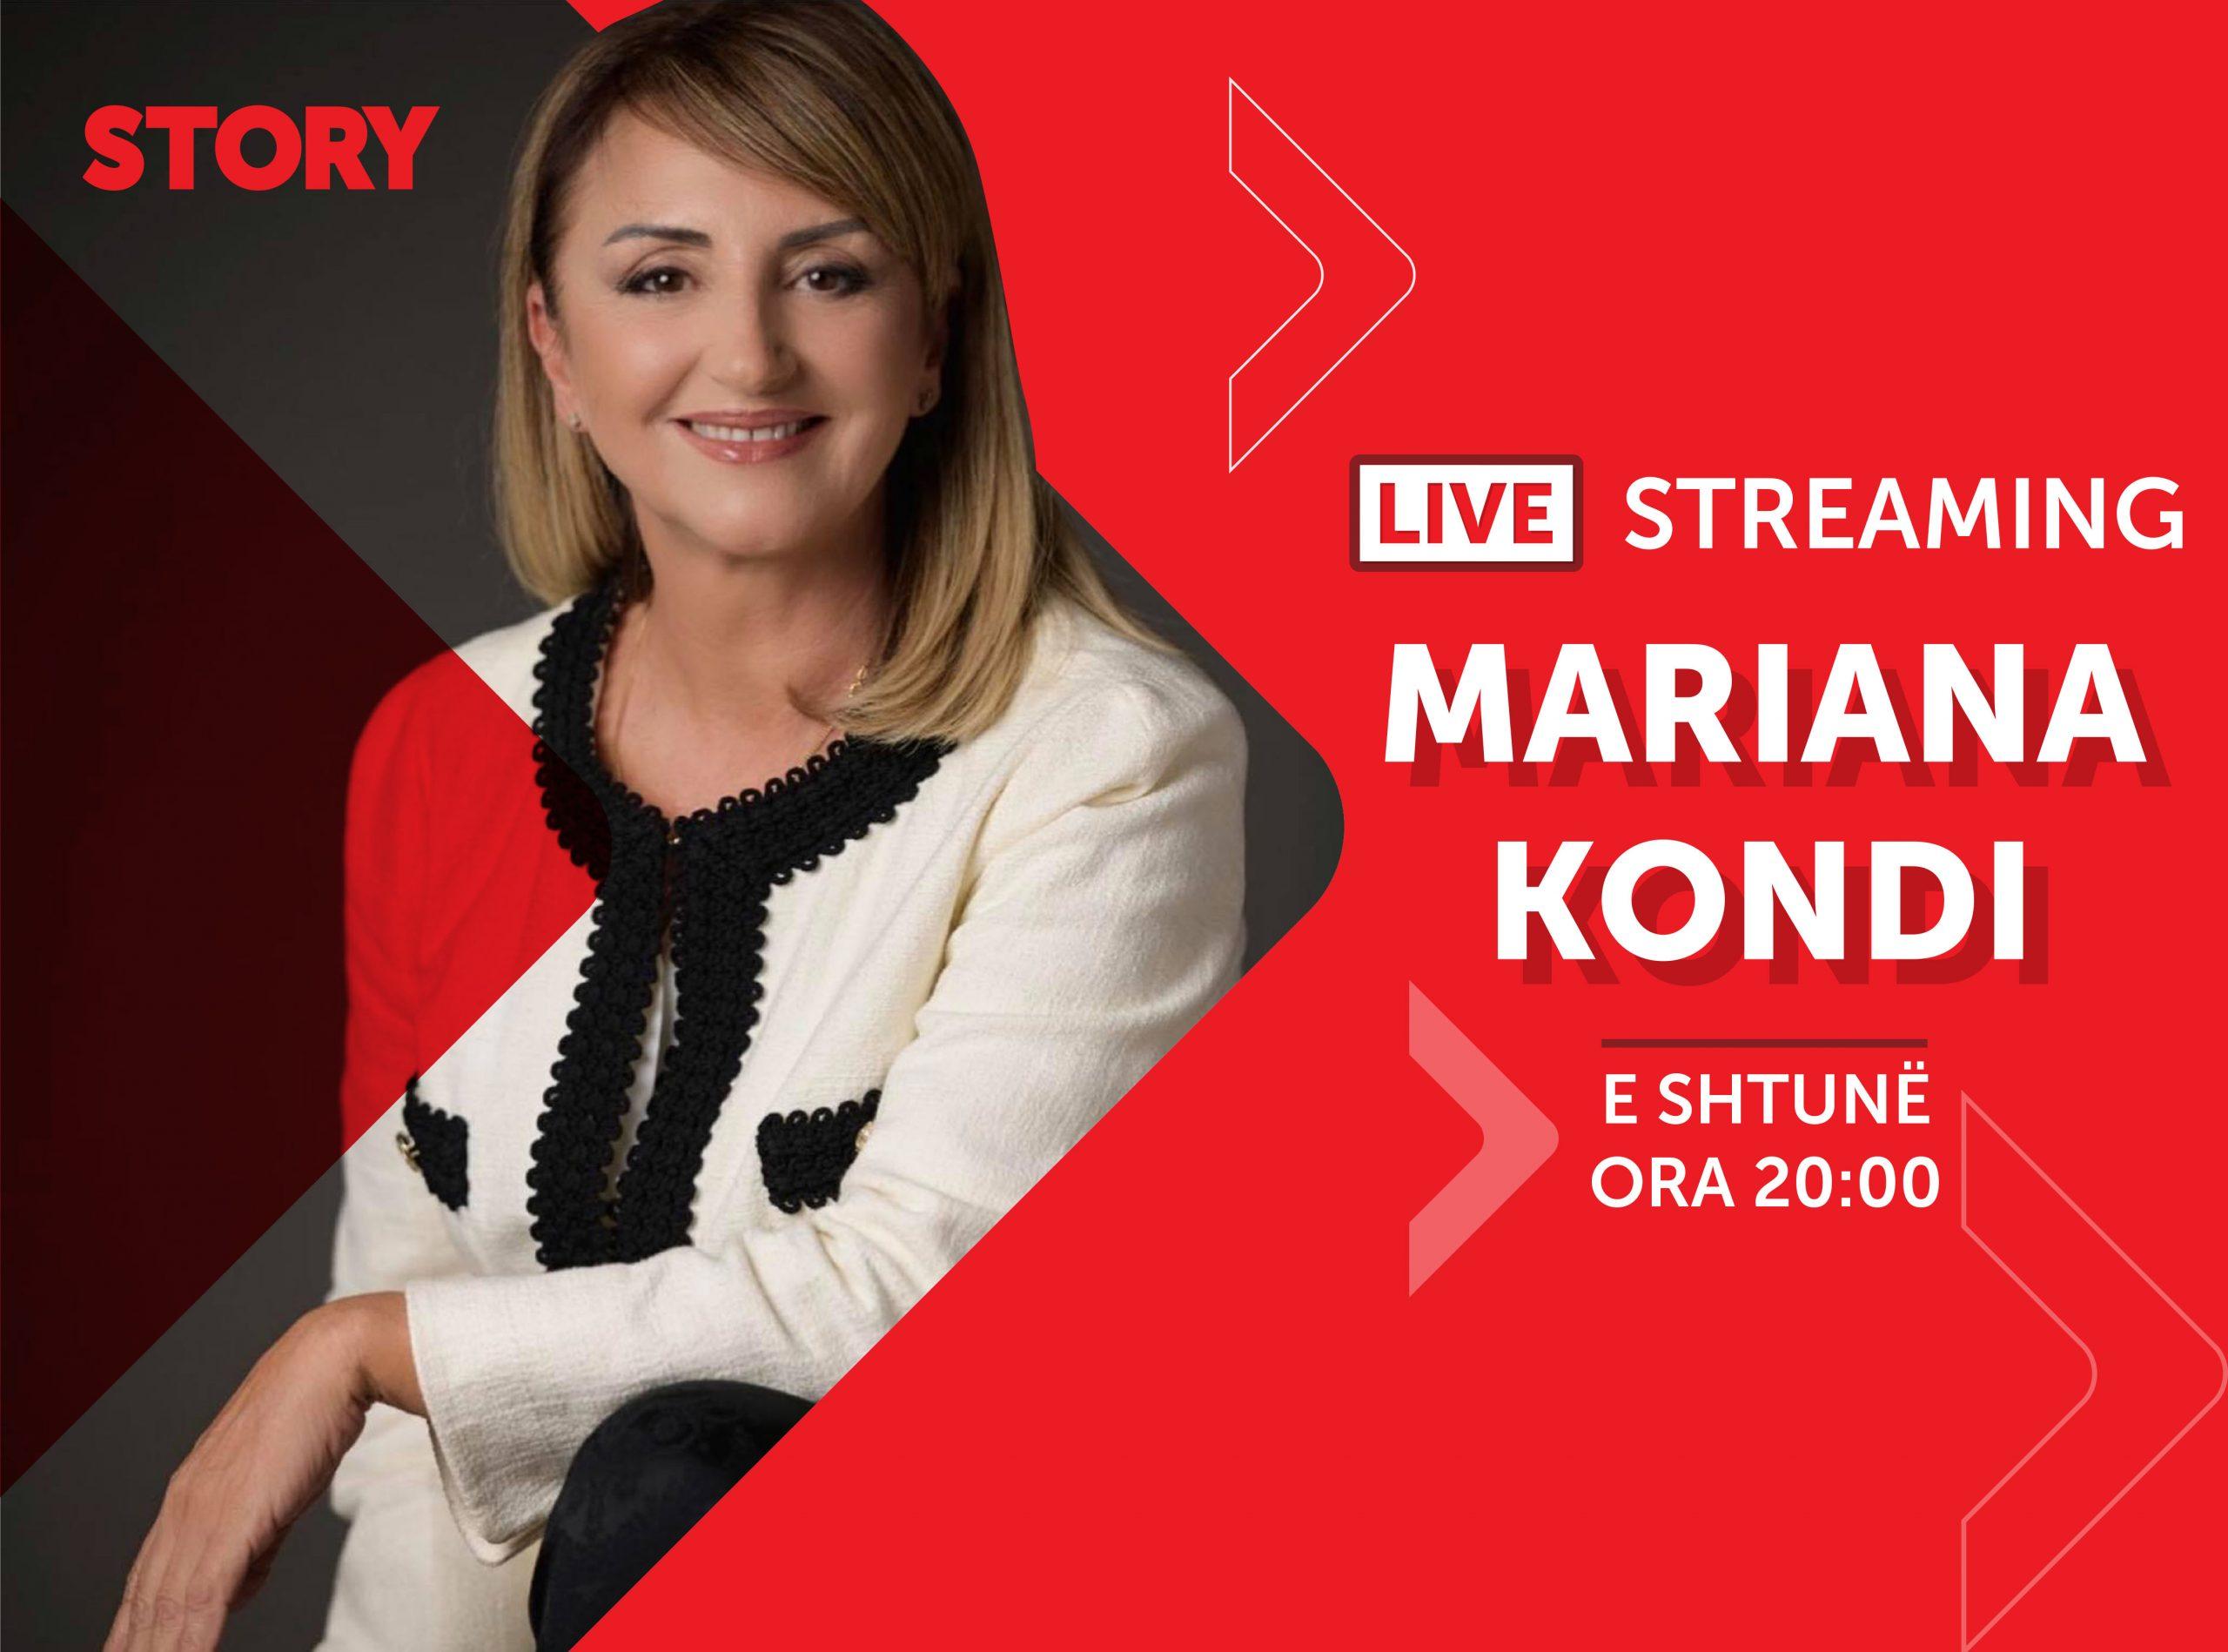 Mariana Kondi në një rrëfim ekskluziv live për STORY